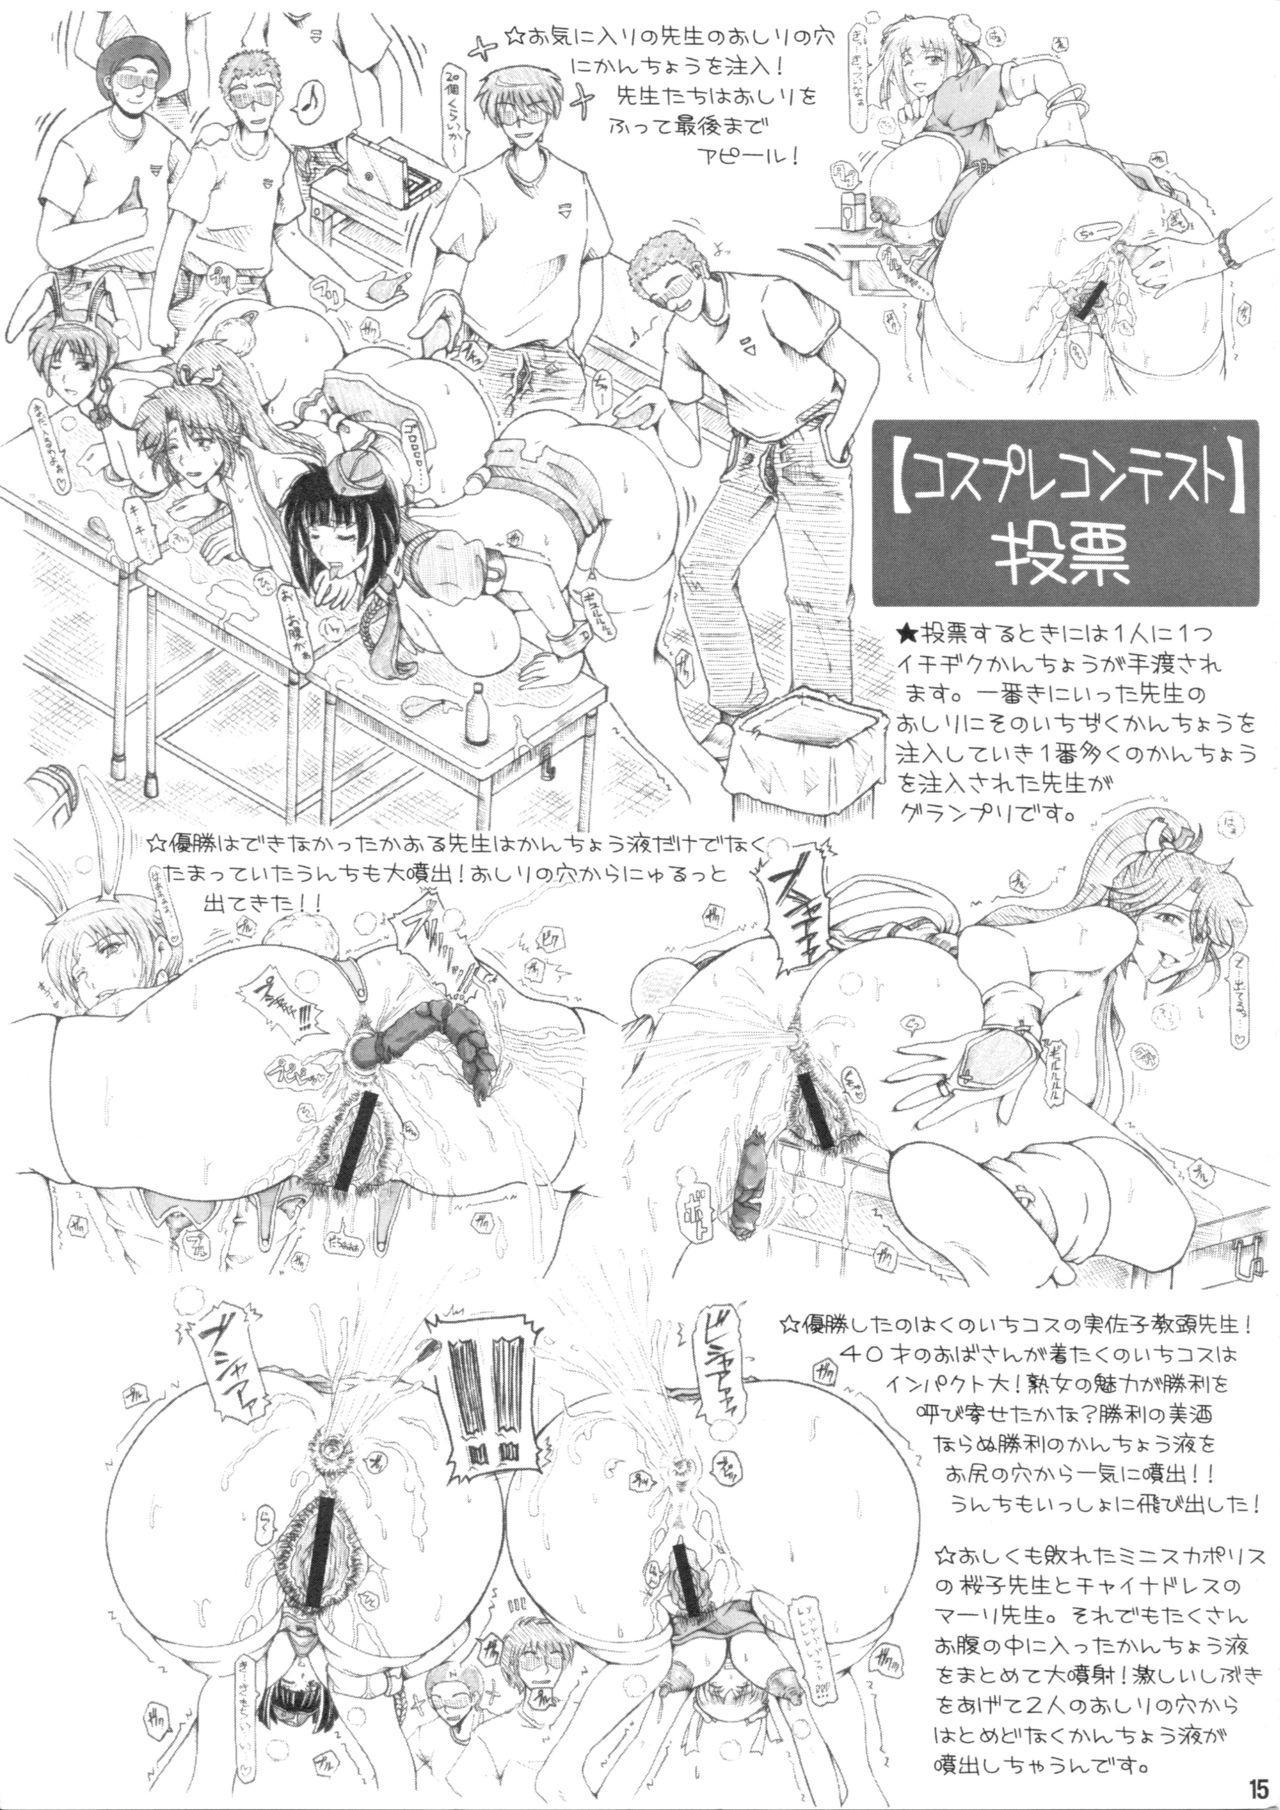 Onna Kyoushi-gun Ryoujoku Enchitai III season 13